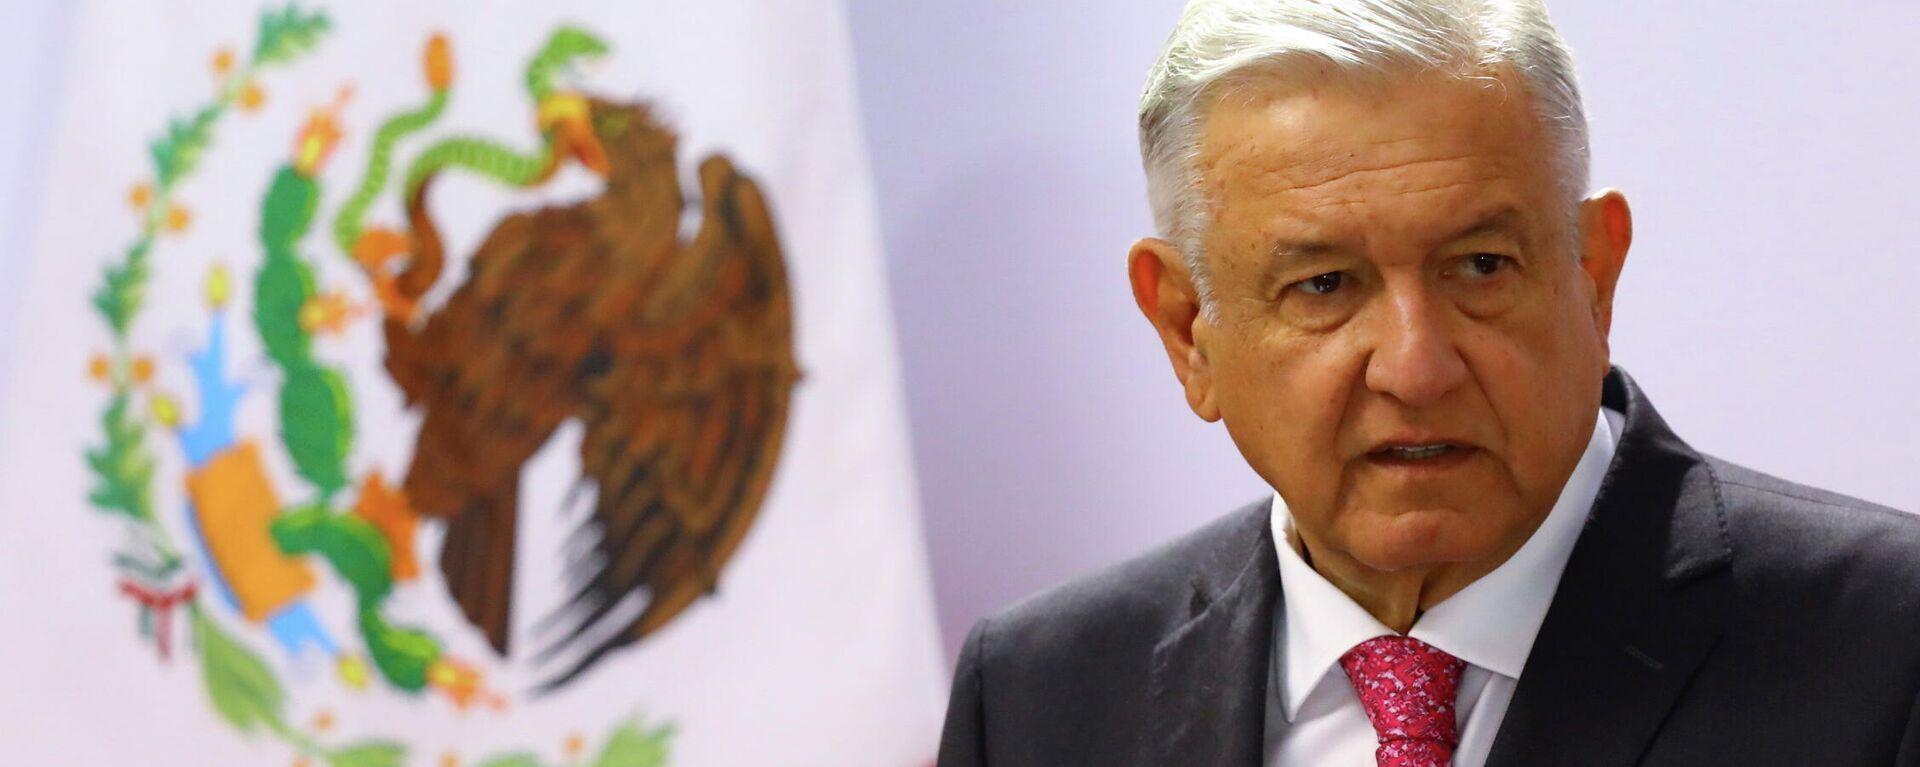 El presidente de México, Andrés Manuel López Obrador, durante el discurso del tercer aniversario de su triunfo en las elecciones 2018 - Sputnik Mundo, 1920, 15.07.2021